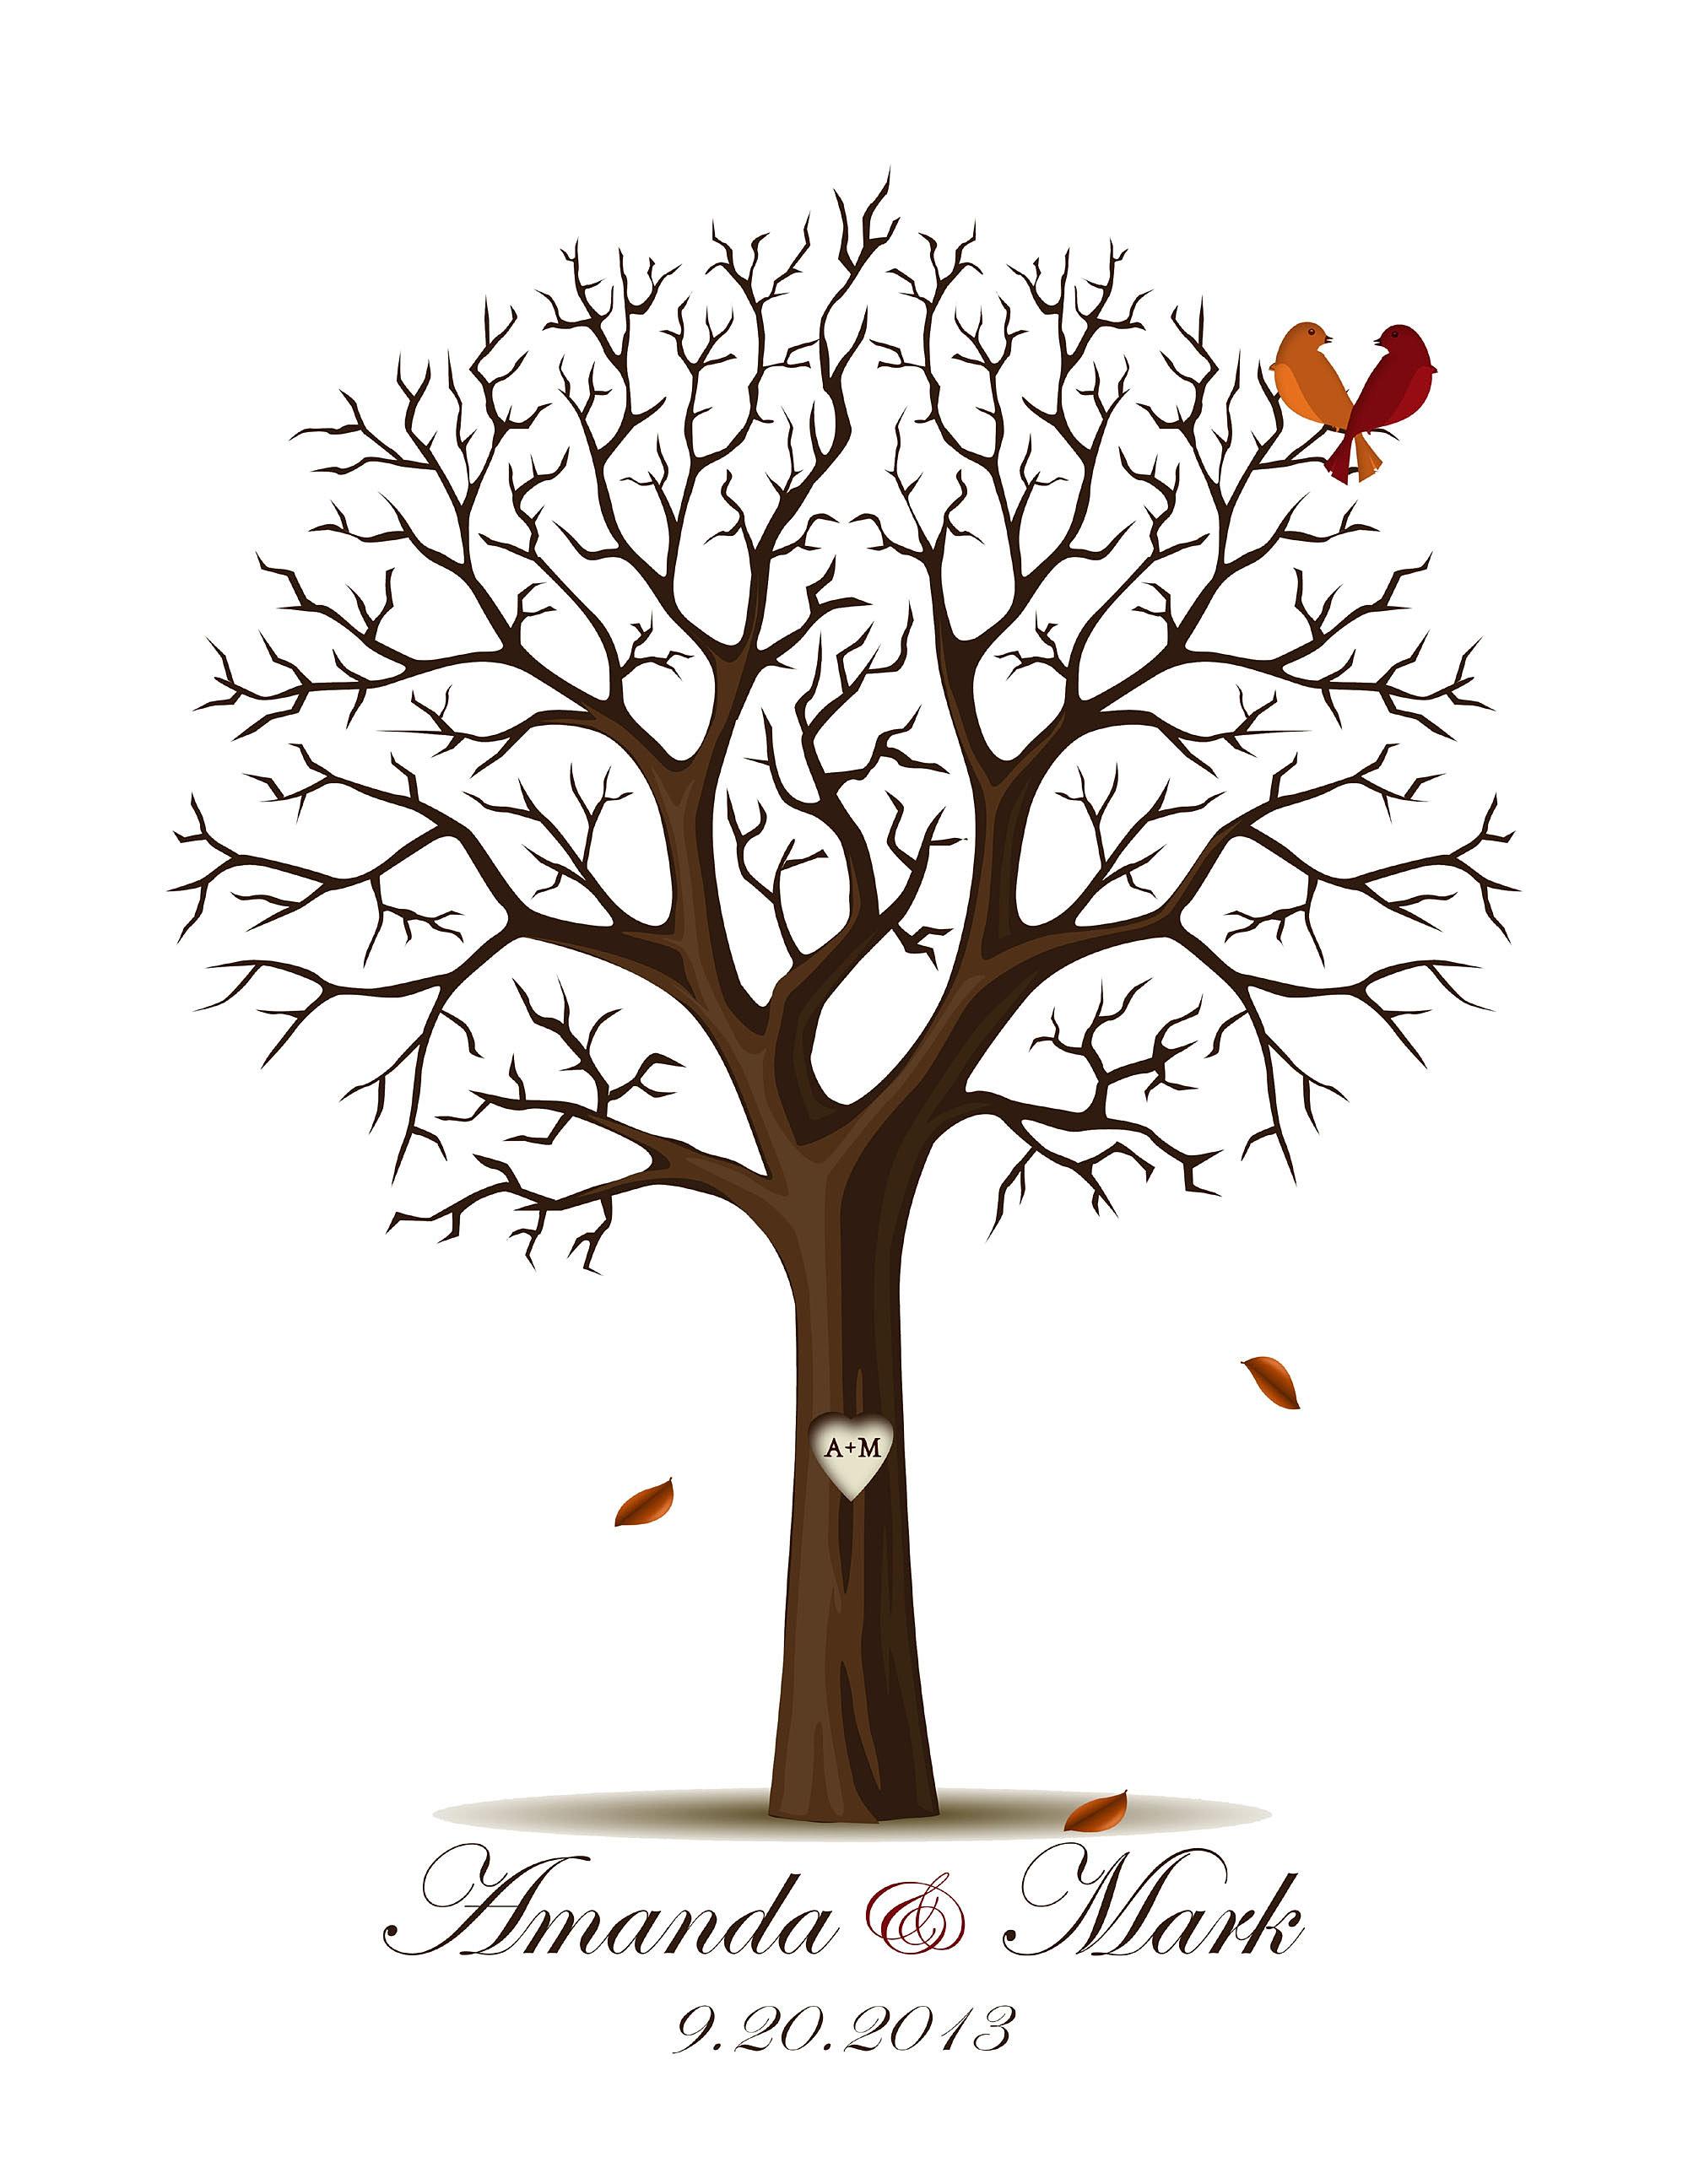 lightbox dataItem inn wedding tree alternative